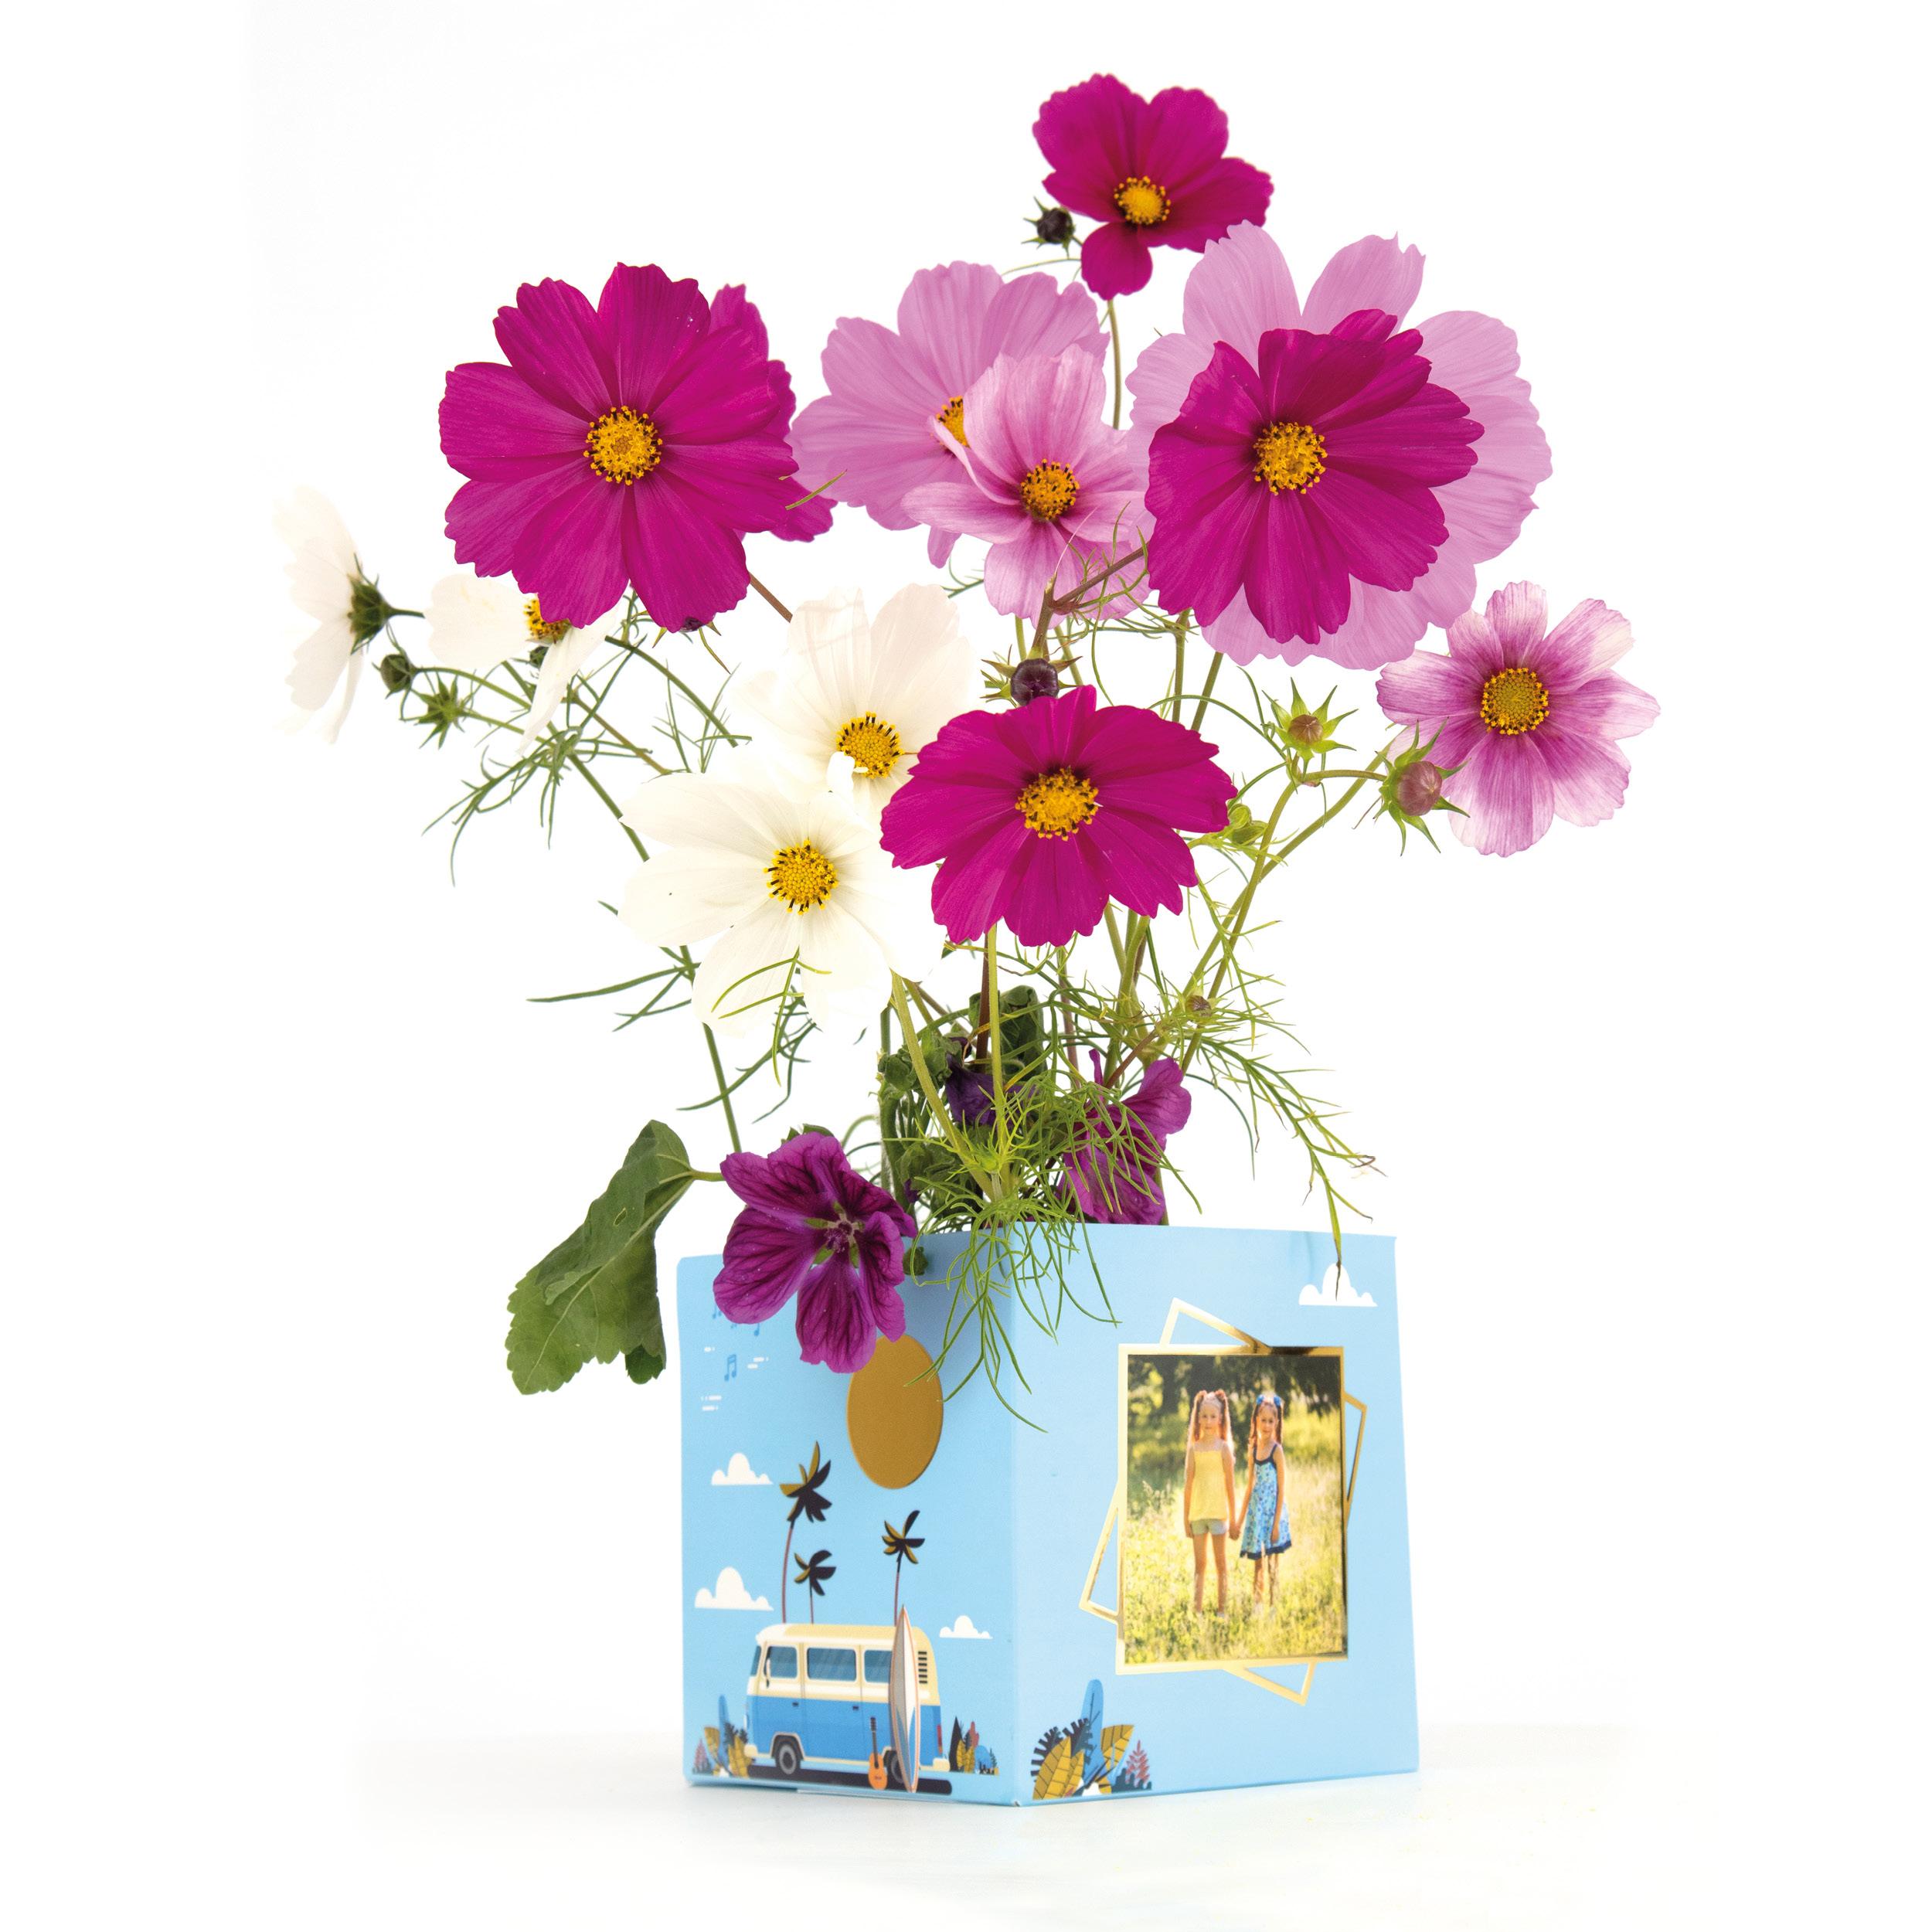 Voeg een paar bloembollen toe aan je verjaardagscadeau en tover de BonBox om tot een klein bloempotje. Zeer origineel!